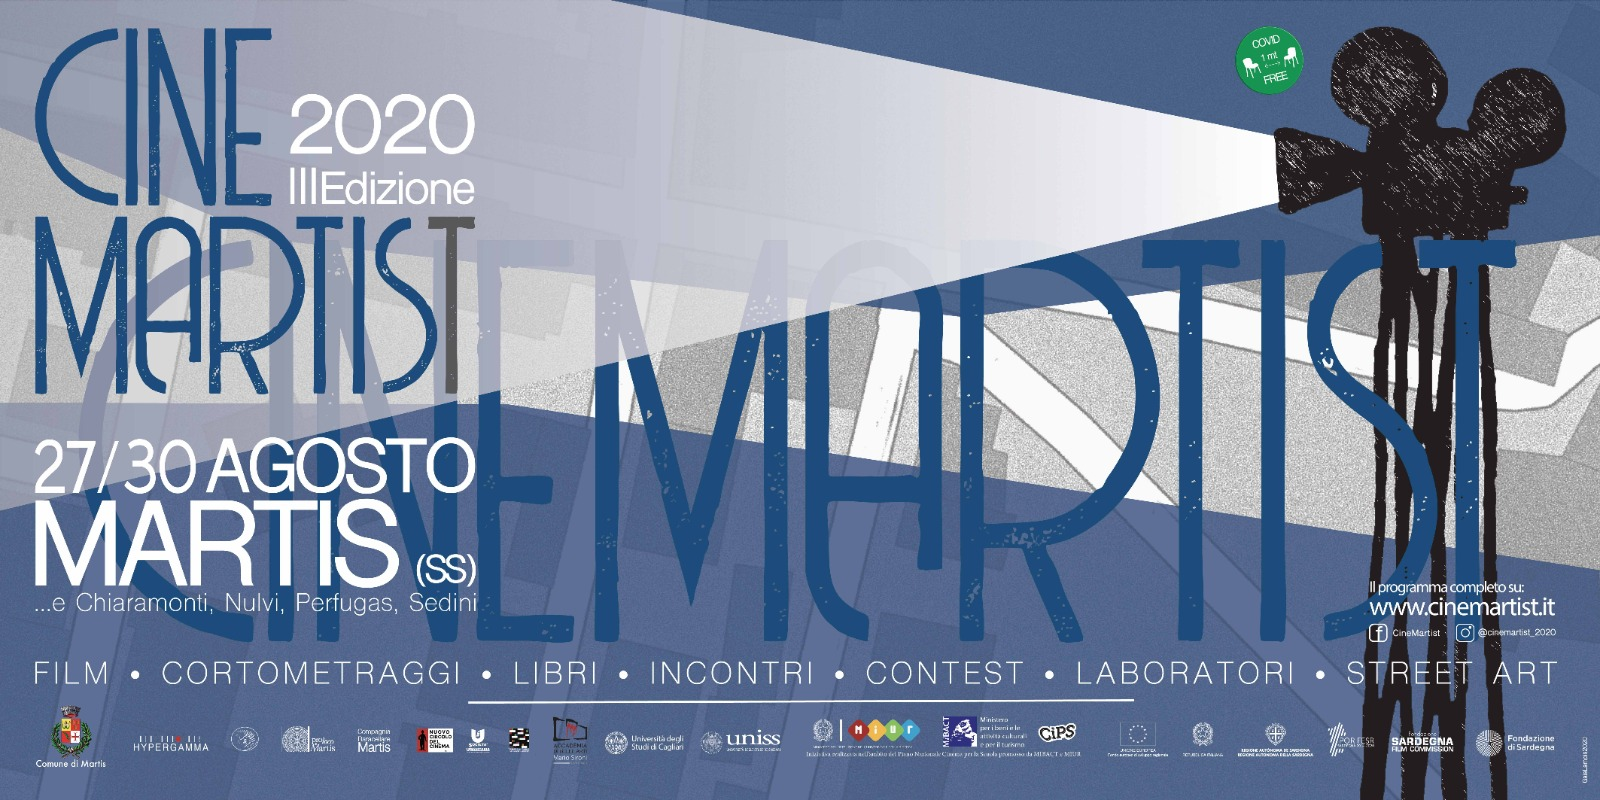 CineMartist, arte e mestiere del cinema in Sardegna